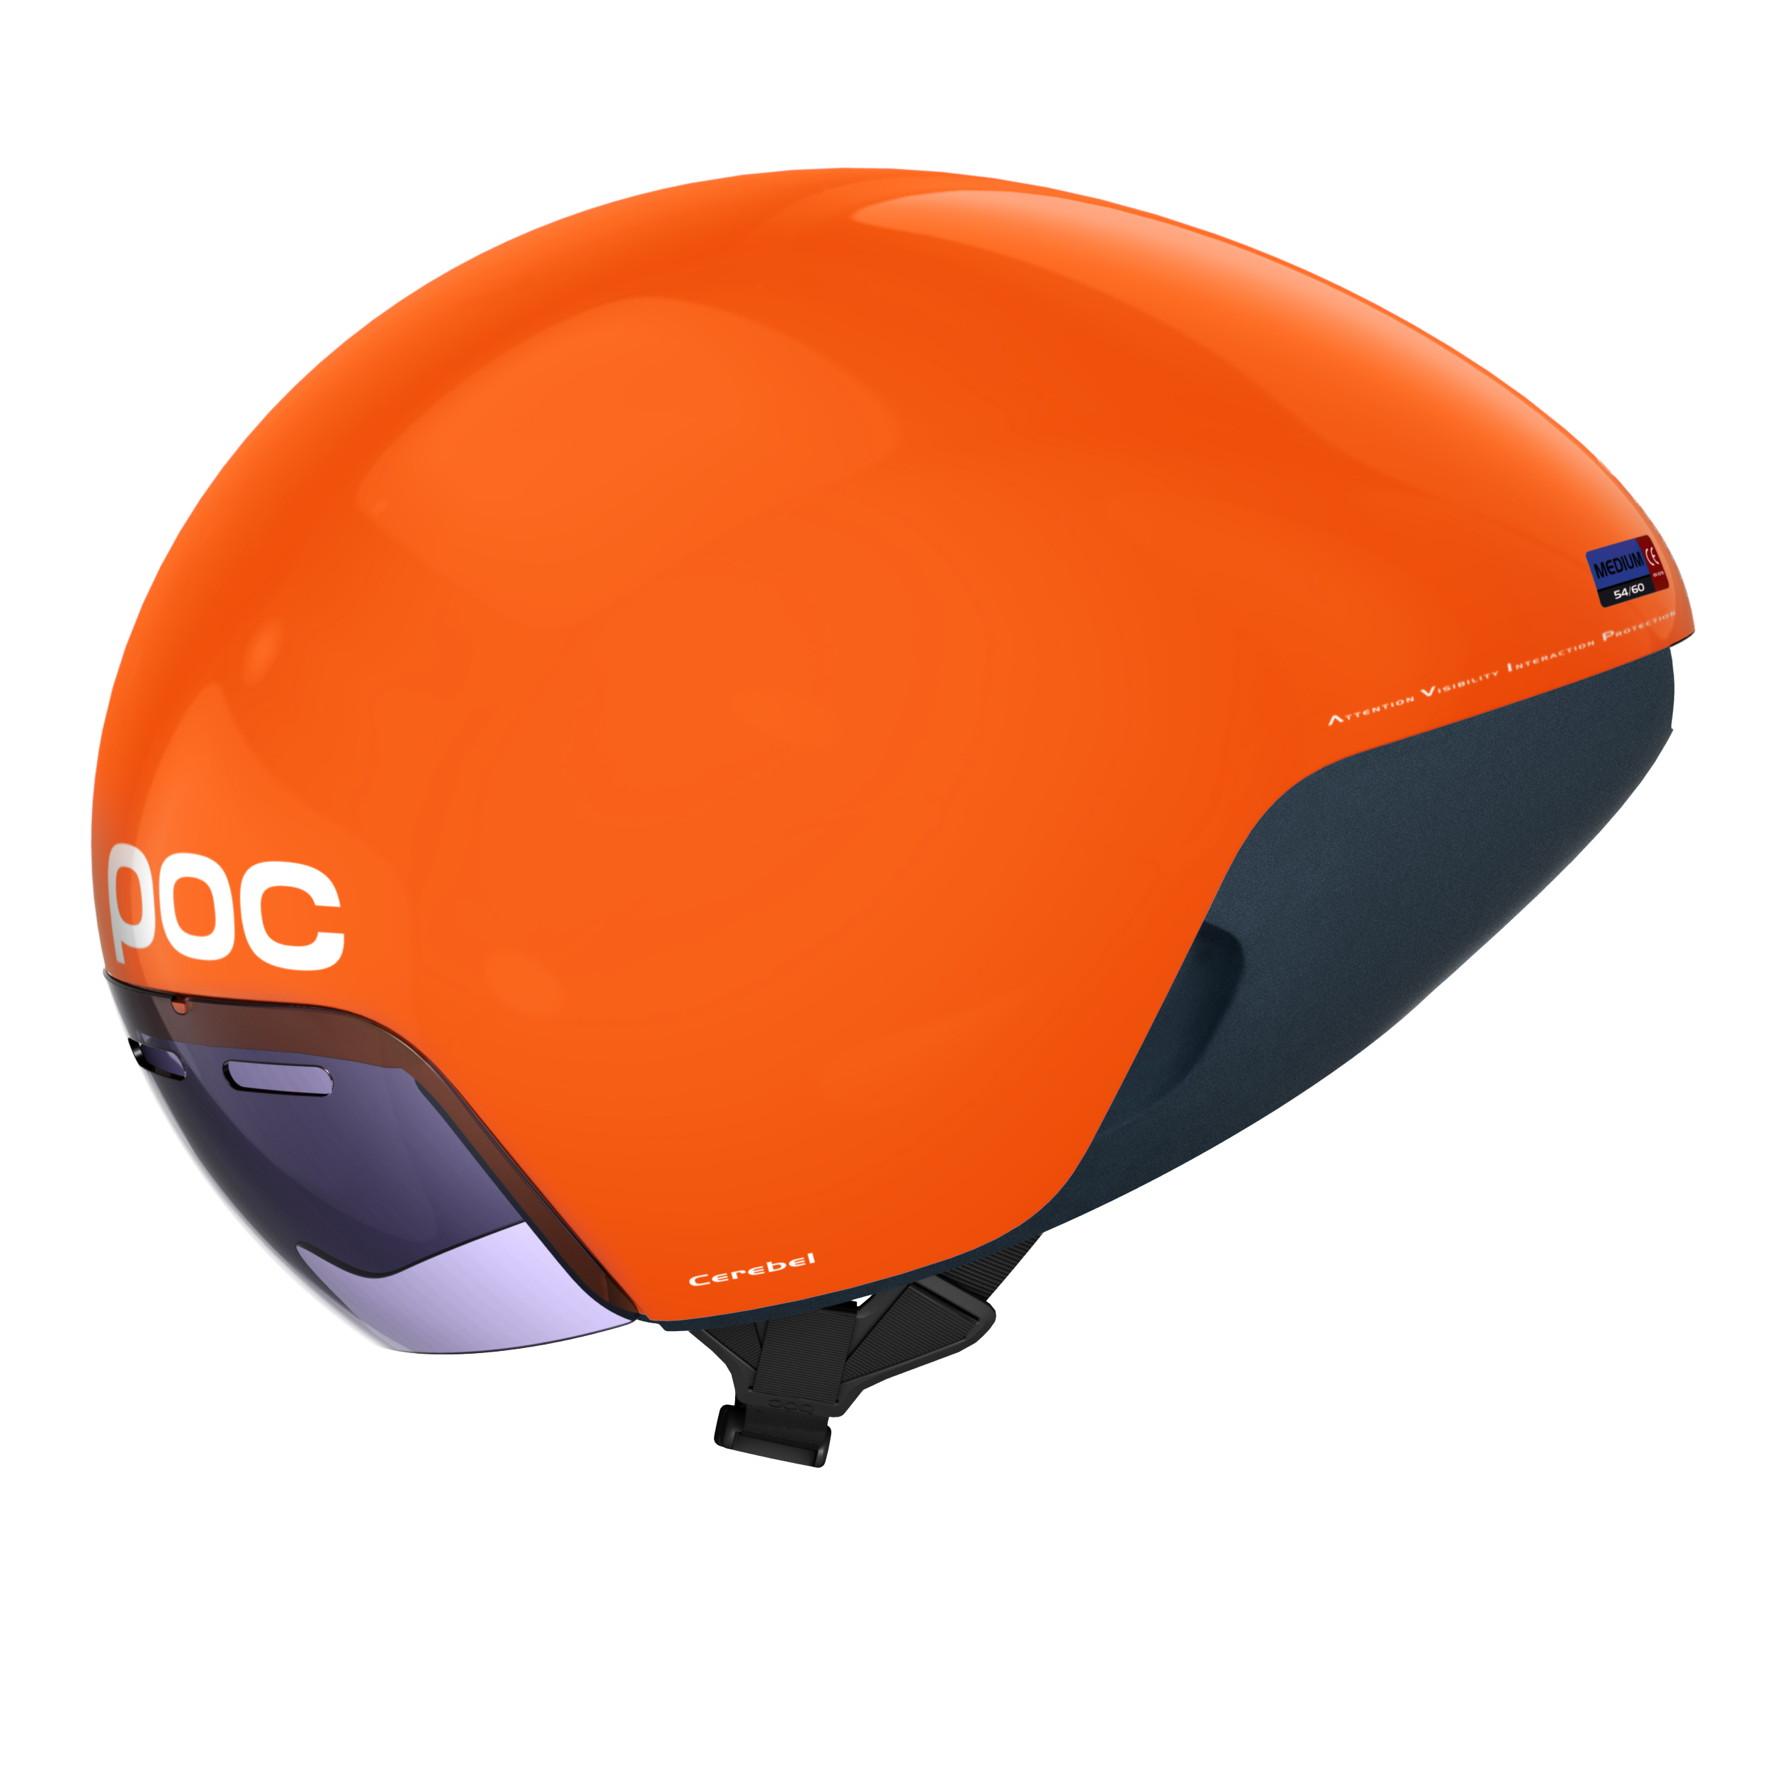 POC's neuer Aerohelm Cerebel Raceday mit magnetischem Zeiss Visier für das Zeitfahren und Triathlon wurde in enger Zusammenarbeit mit dem Garmin-Sharp Pro Cycling Team, der Volvo Car Group und dem WATTS Lab entwickelt.